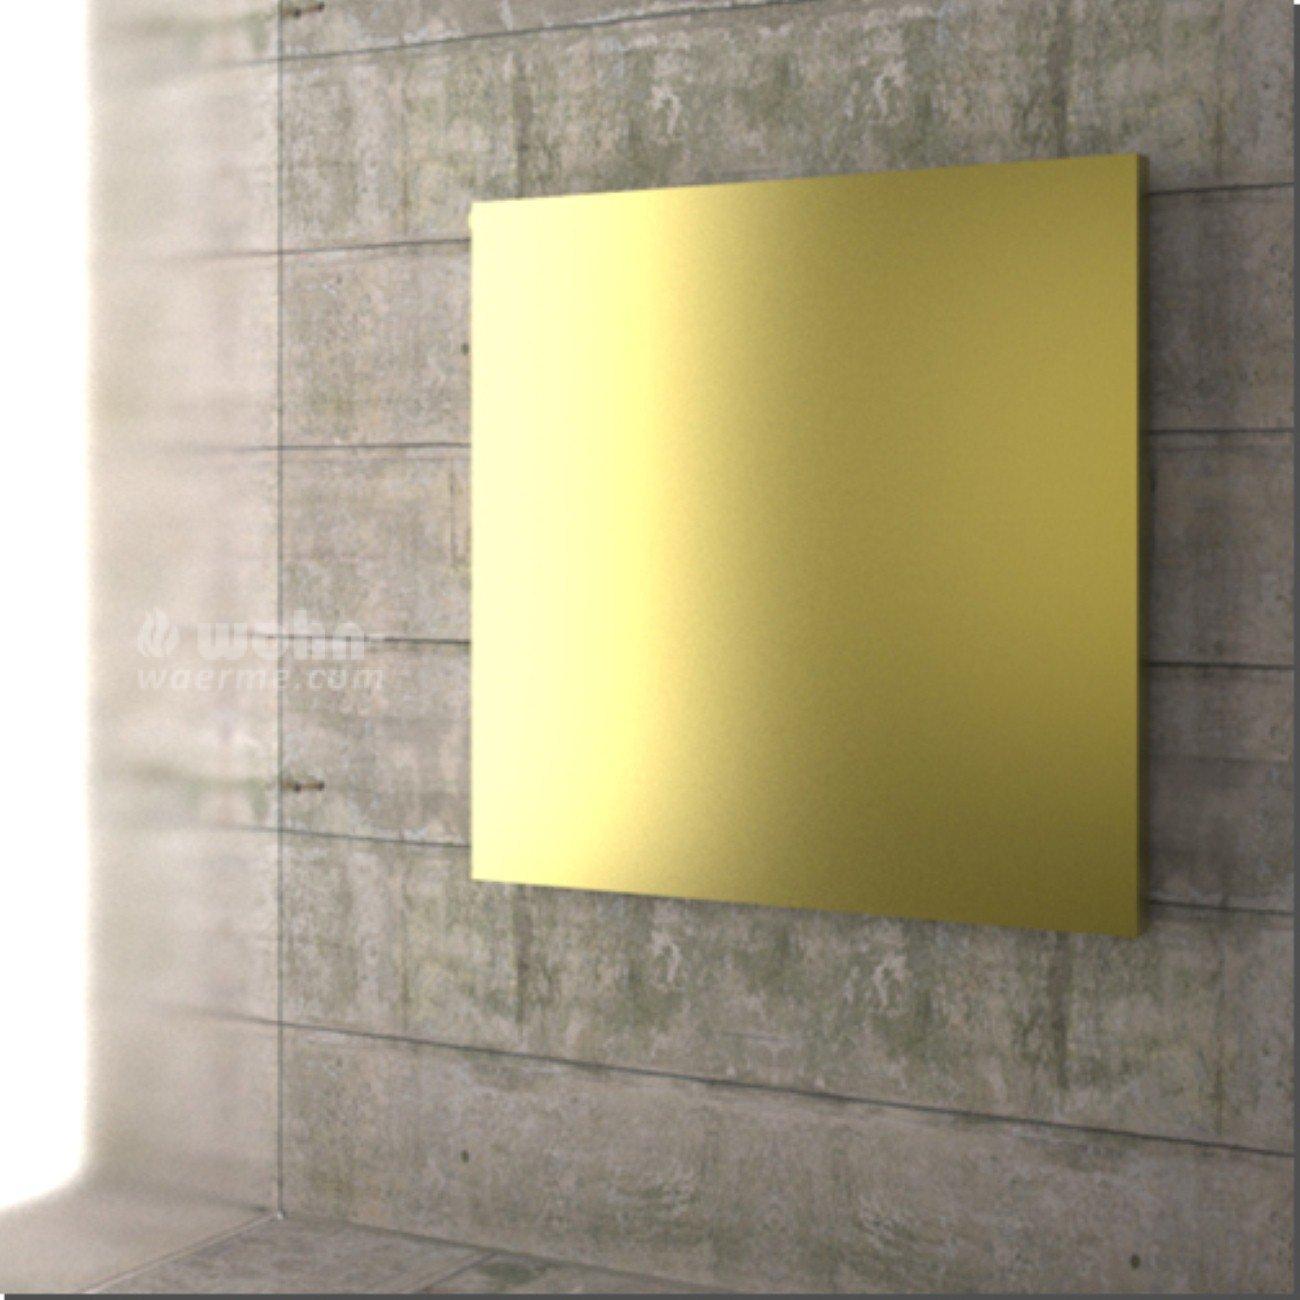 der wall ist ein minimlistischer plattenheizk rper. Black Bedroom Furniture Sets. Home Design Ideas